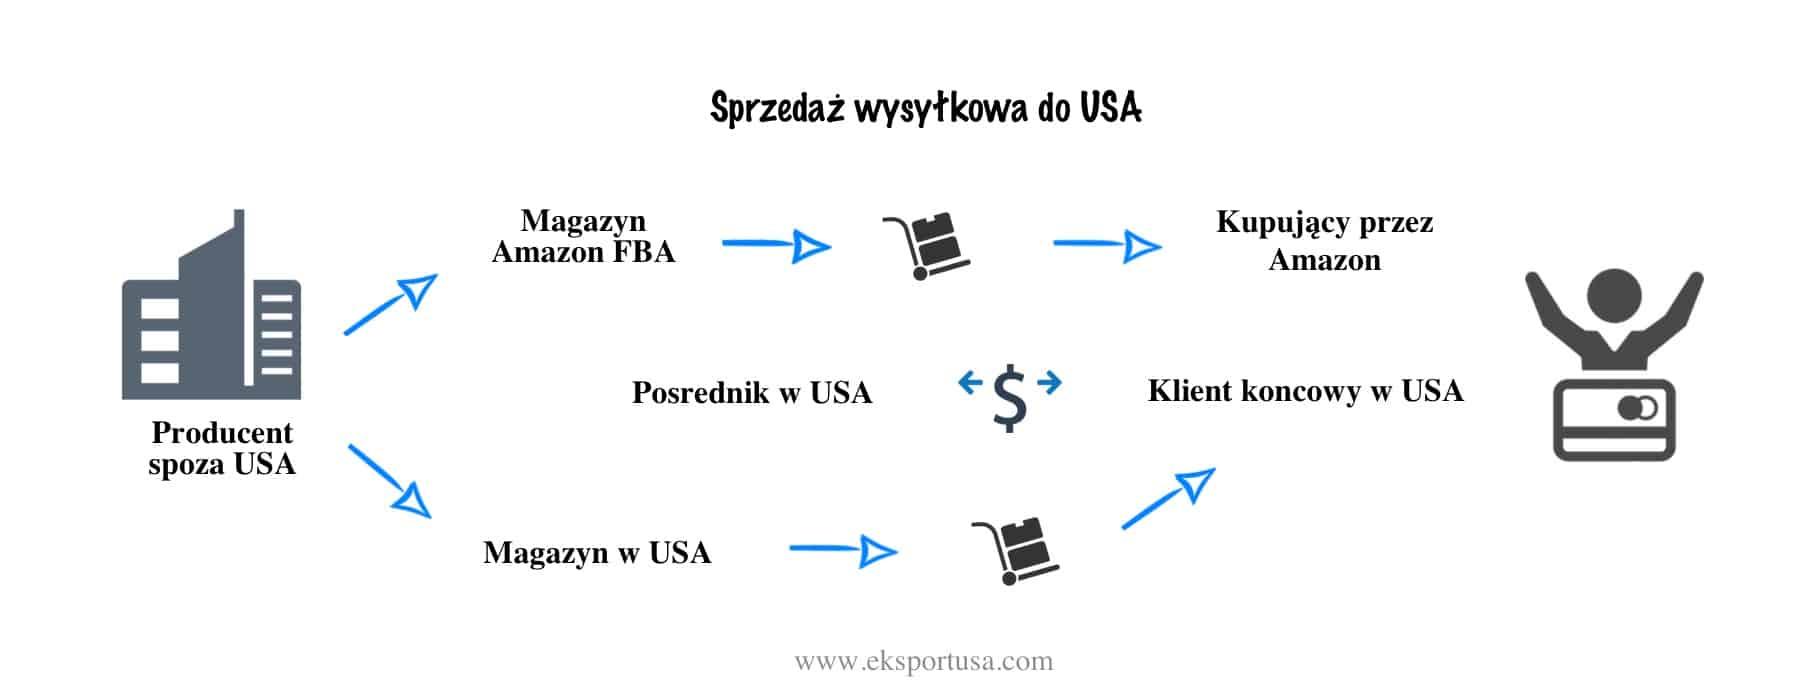 Podatek od sprzedaży w USA